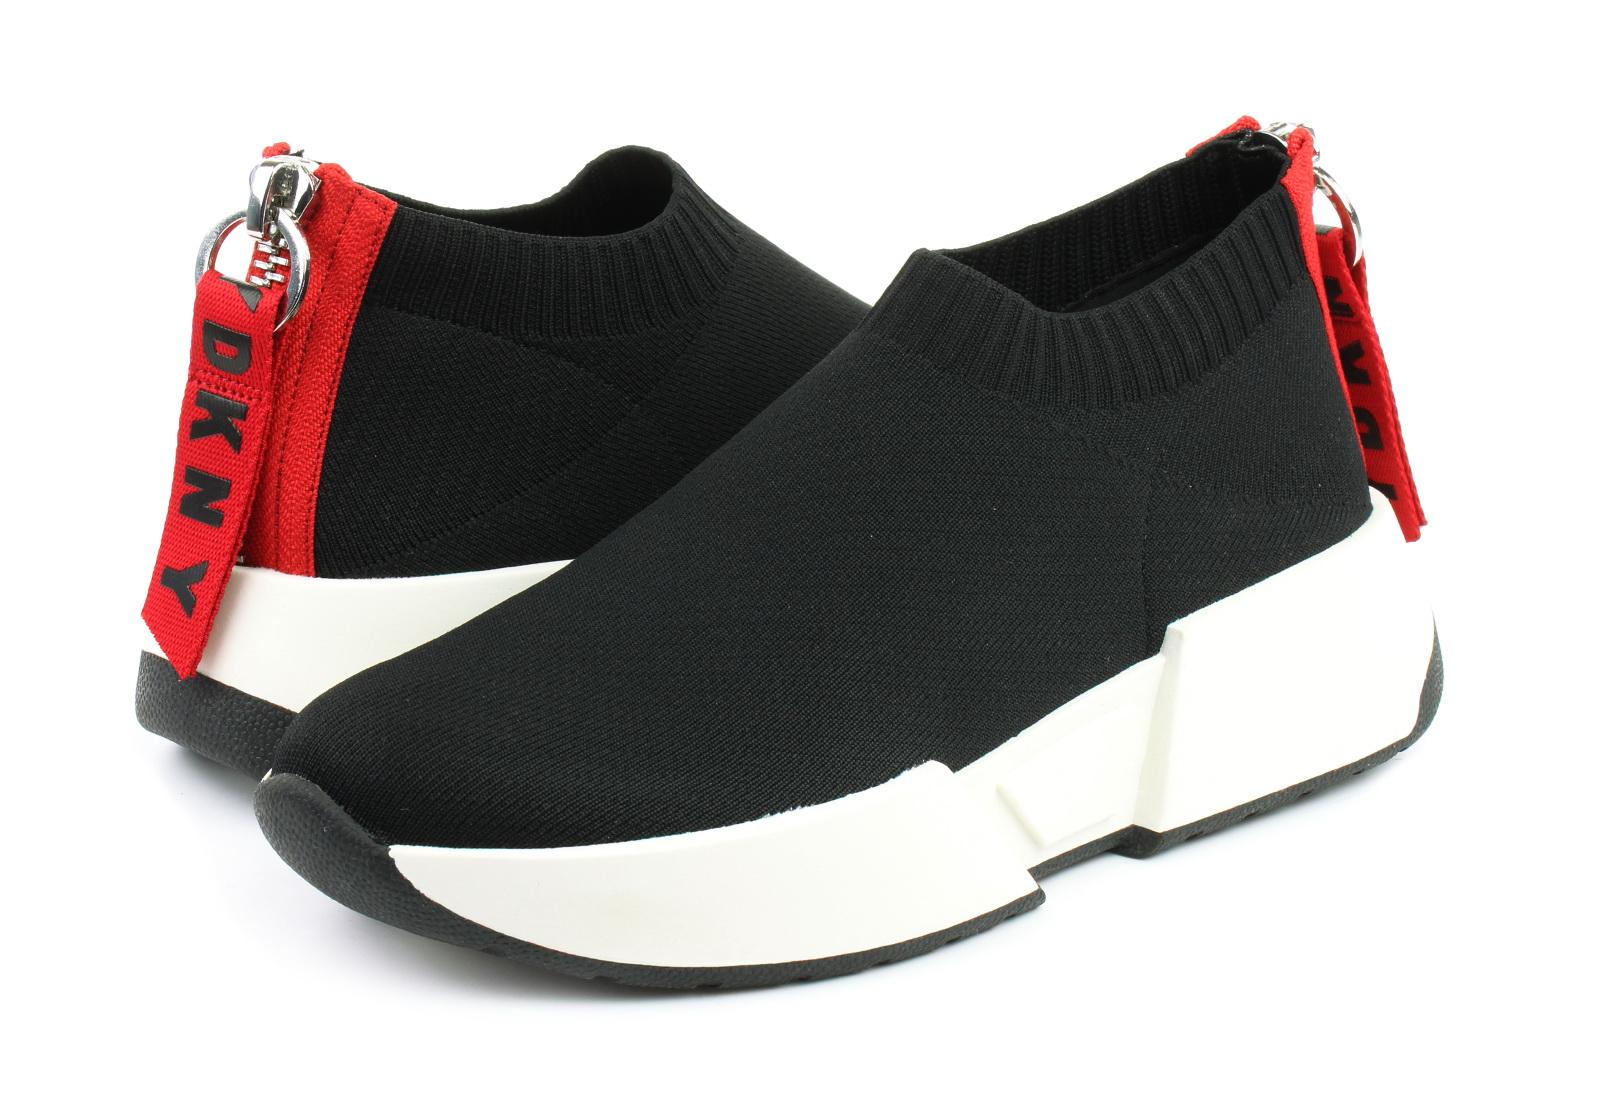 DKNY Półbuty Marcel Slip On Sneaker K2930012 BLK Obuwie i buty damskie, męskie, dziecięce w Office Shoes